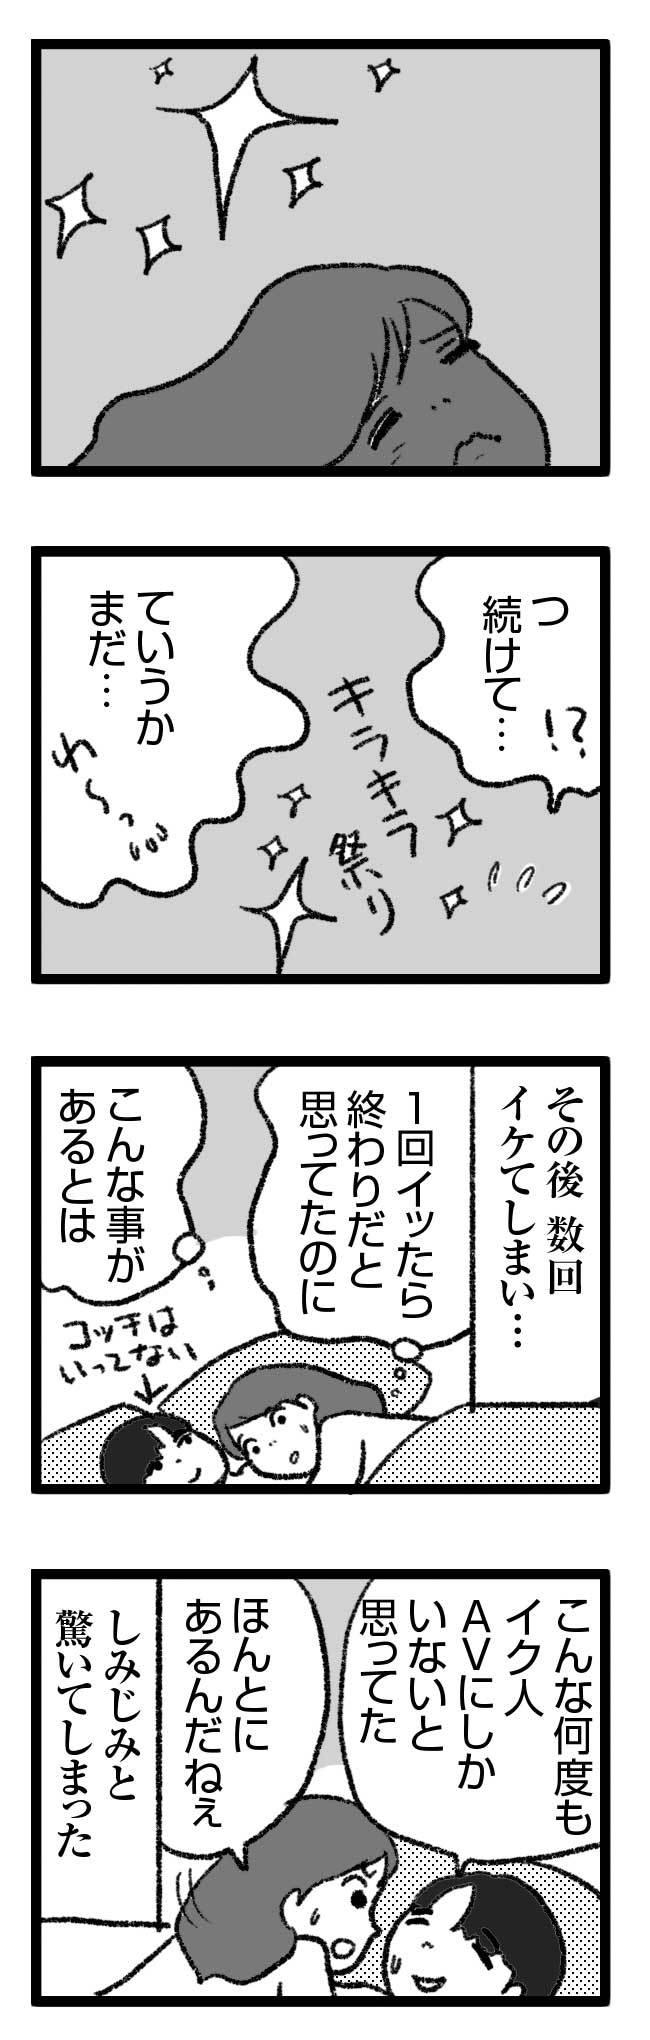 570 驚きのアレ 3 性交 いく イキ 中 複数 回 別居 離婚 射精 障害 まんが 漫画 マンガ